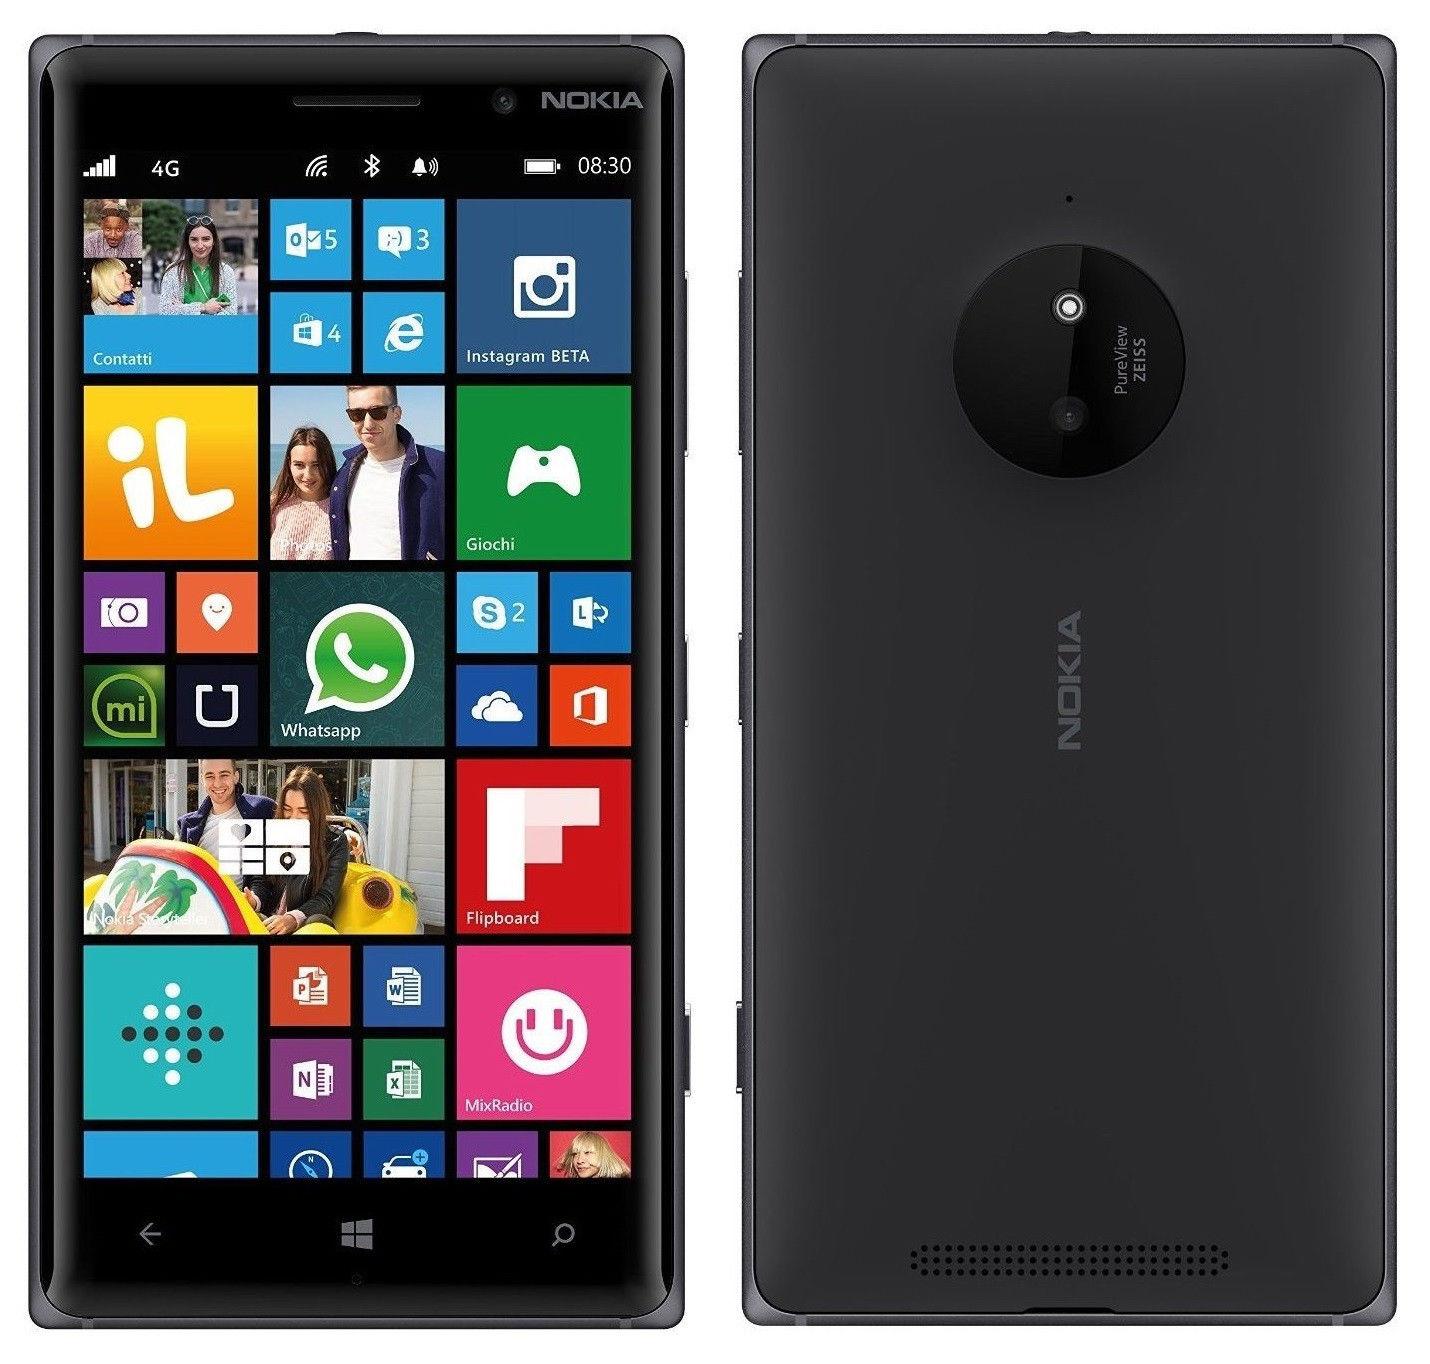 Nokia lumia 830 t mobile - 5 0 034 Nokia Lumia 830 Gsm At